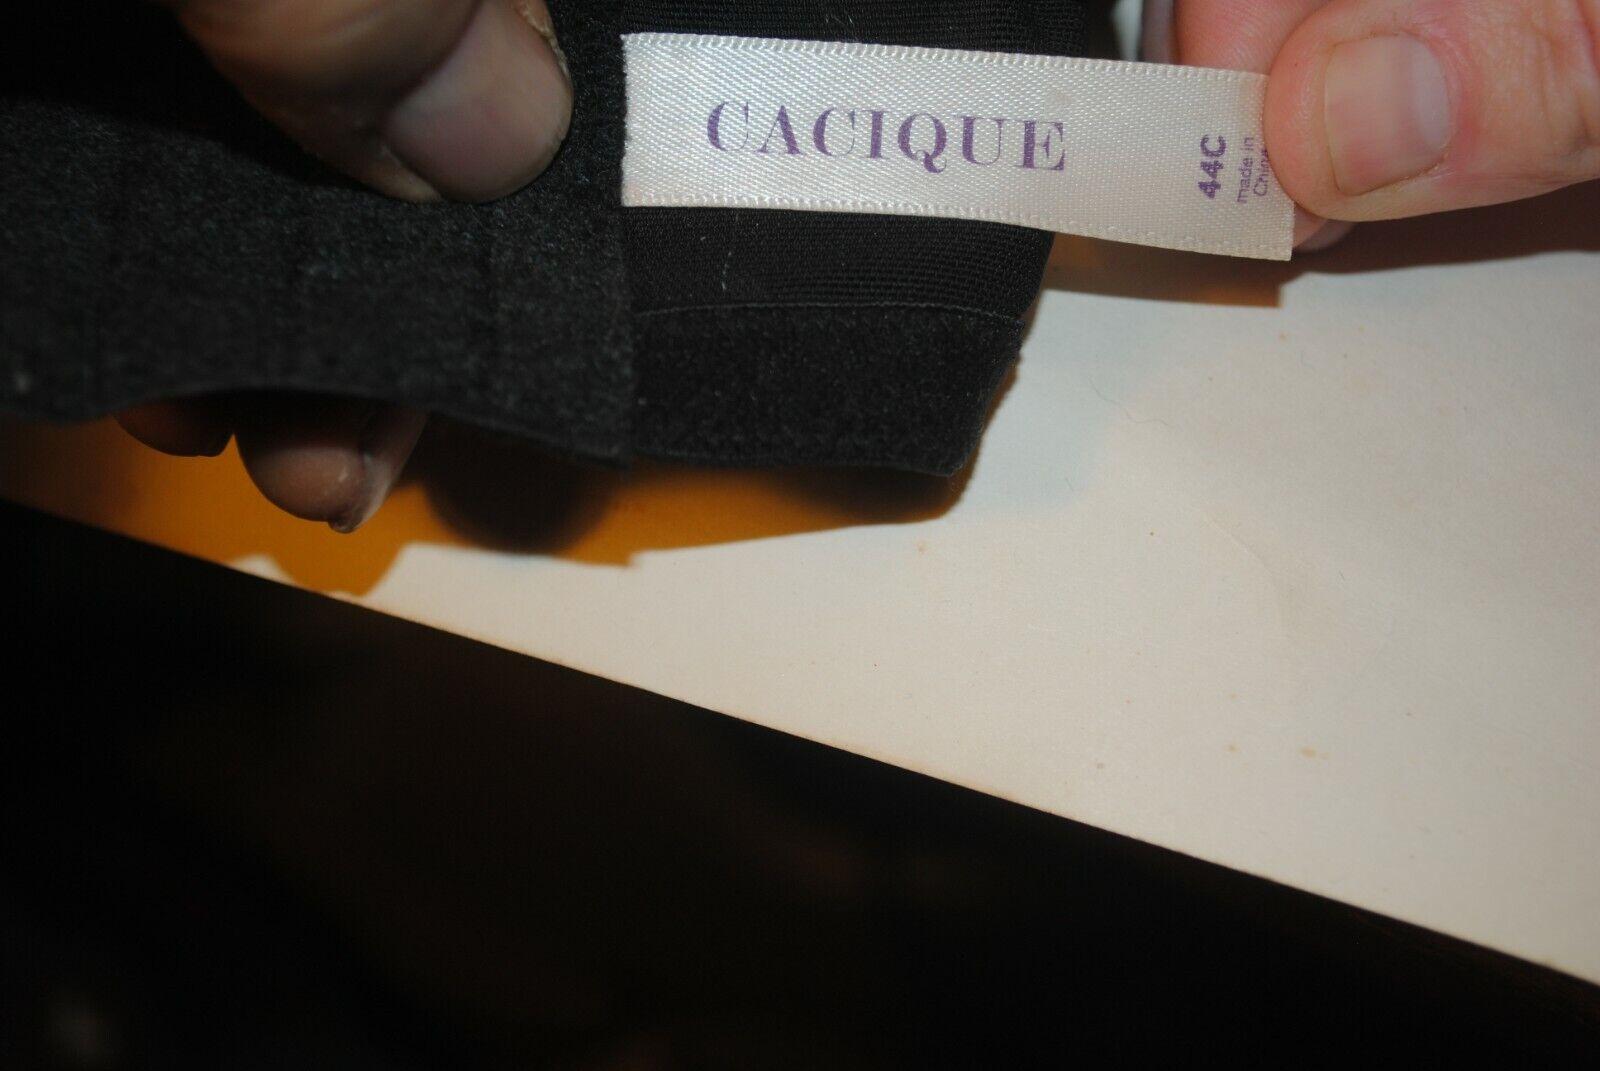 Cacique Brand 44C Black Ladies Brassiere - image 6